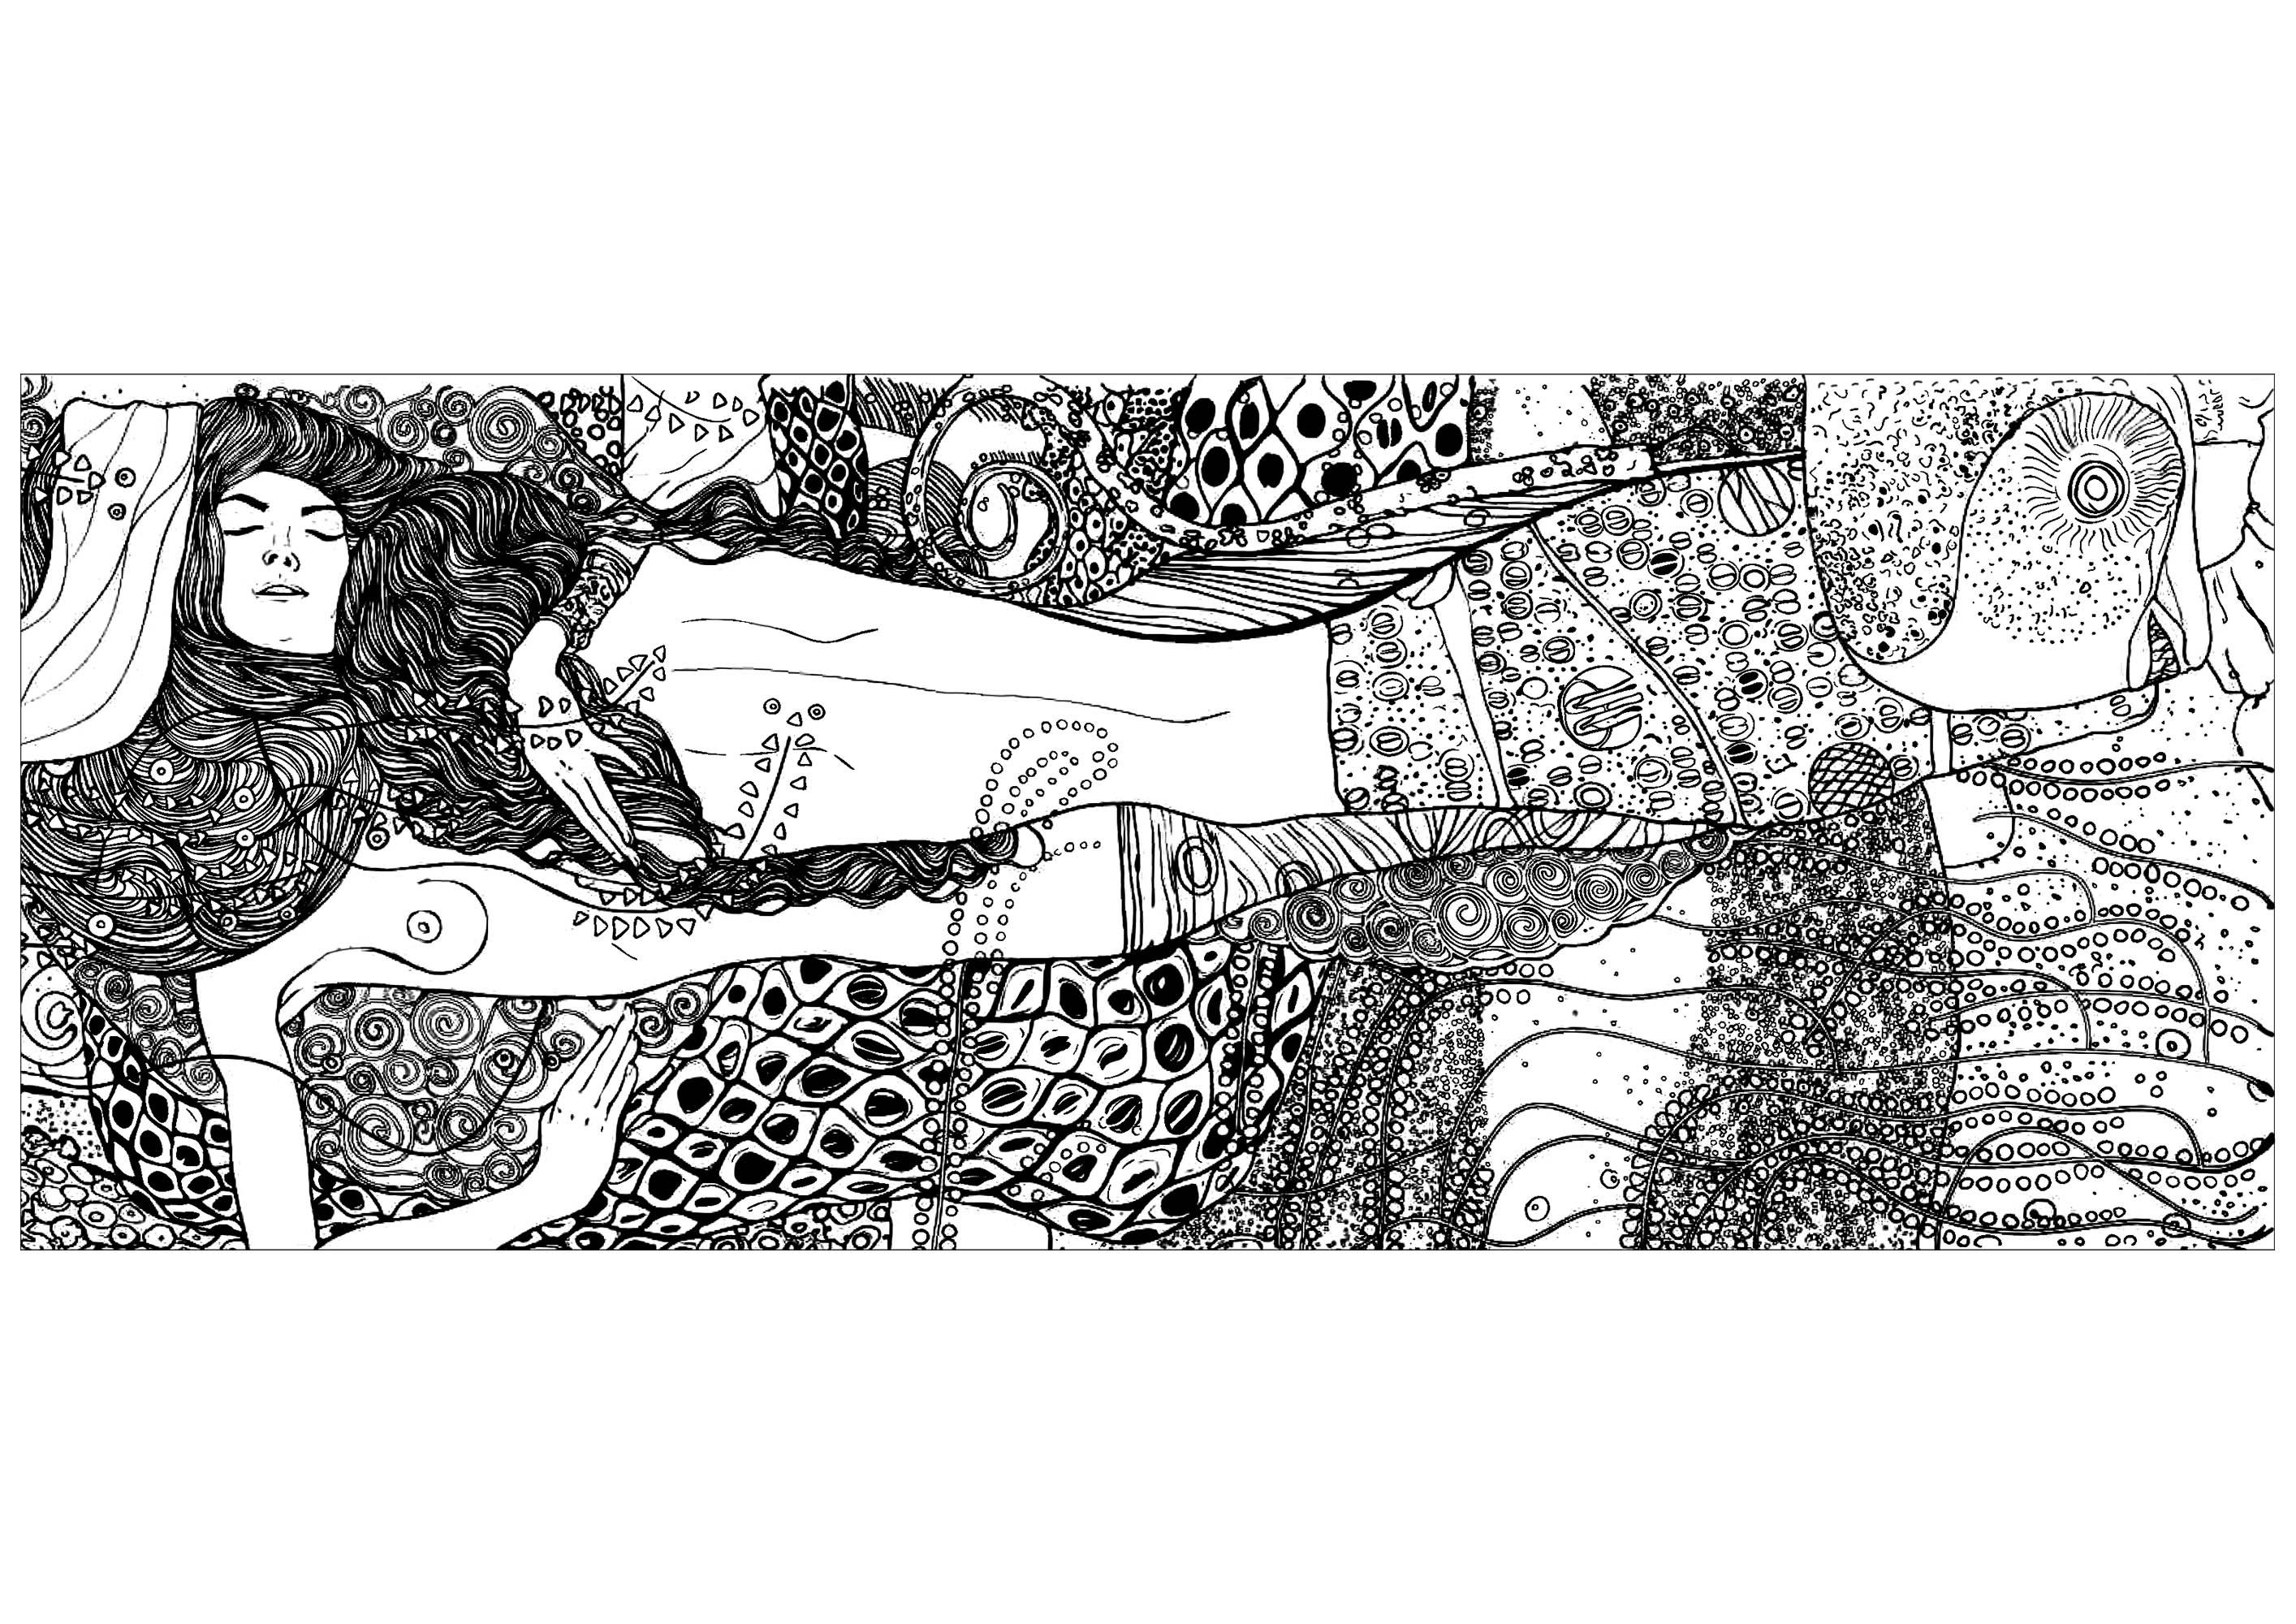 Kunstwerk 78137 - Kunstwerk - Malbuch Fur Erwachsene